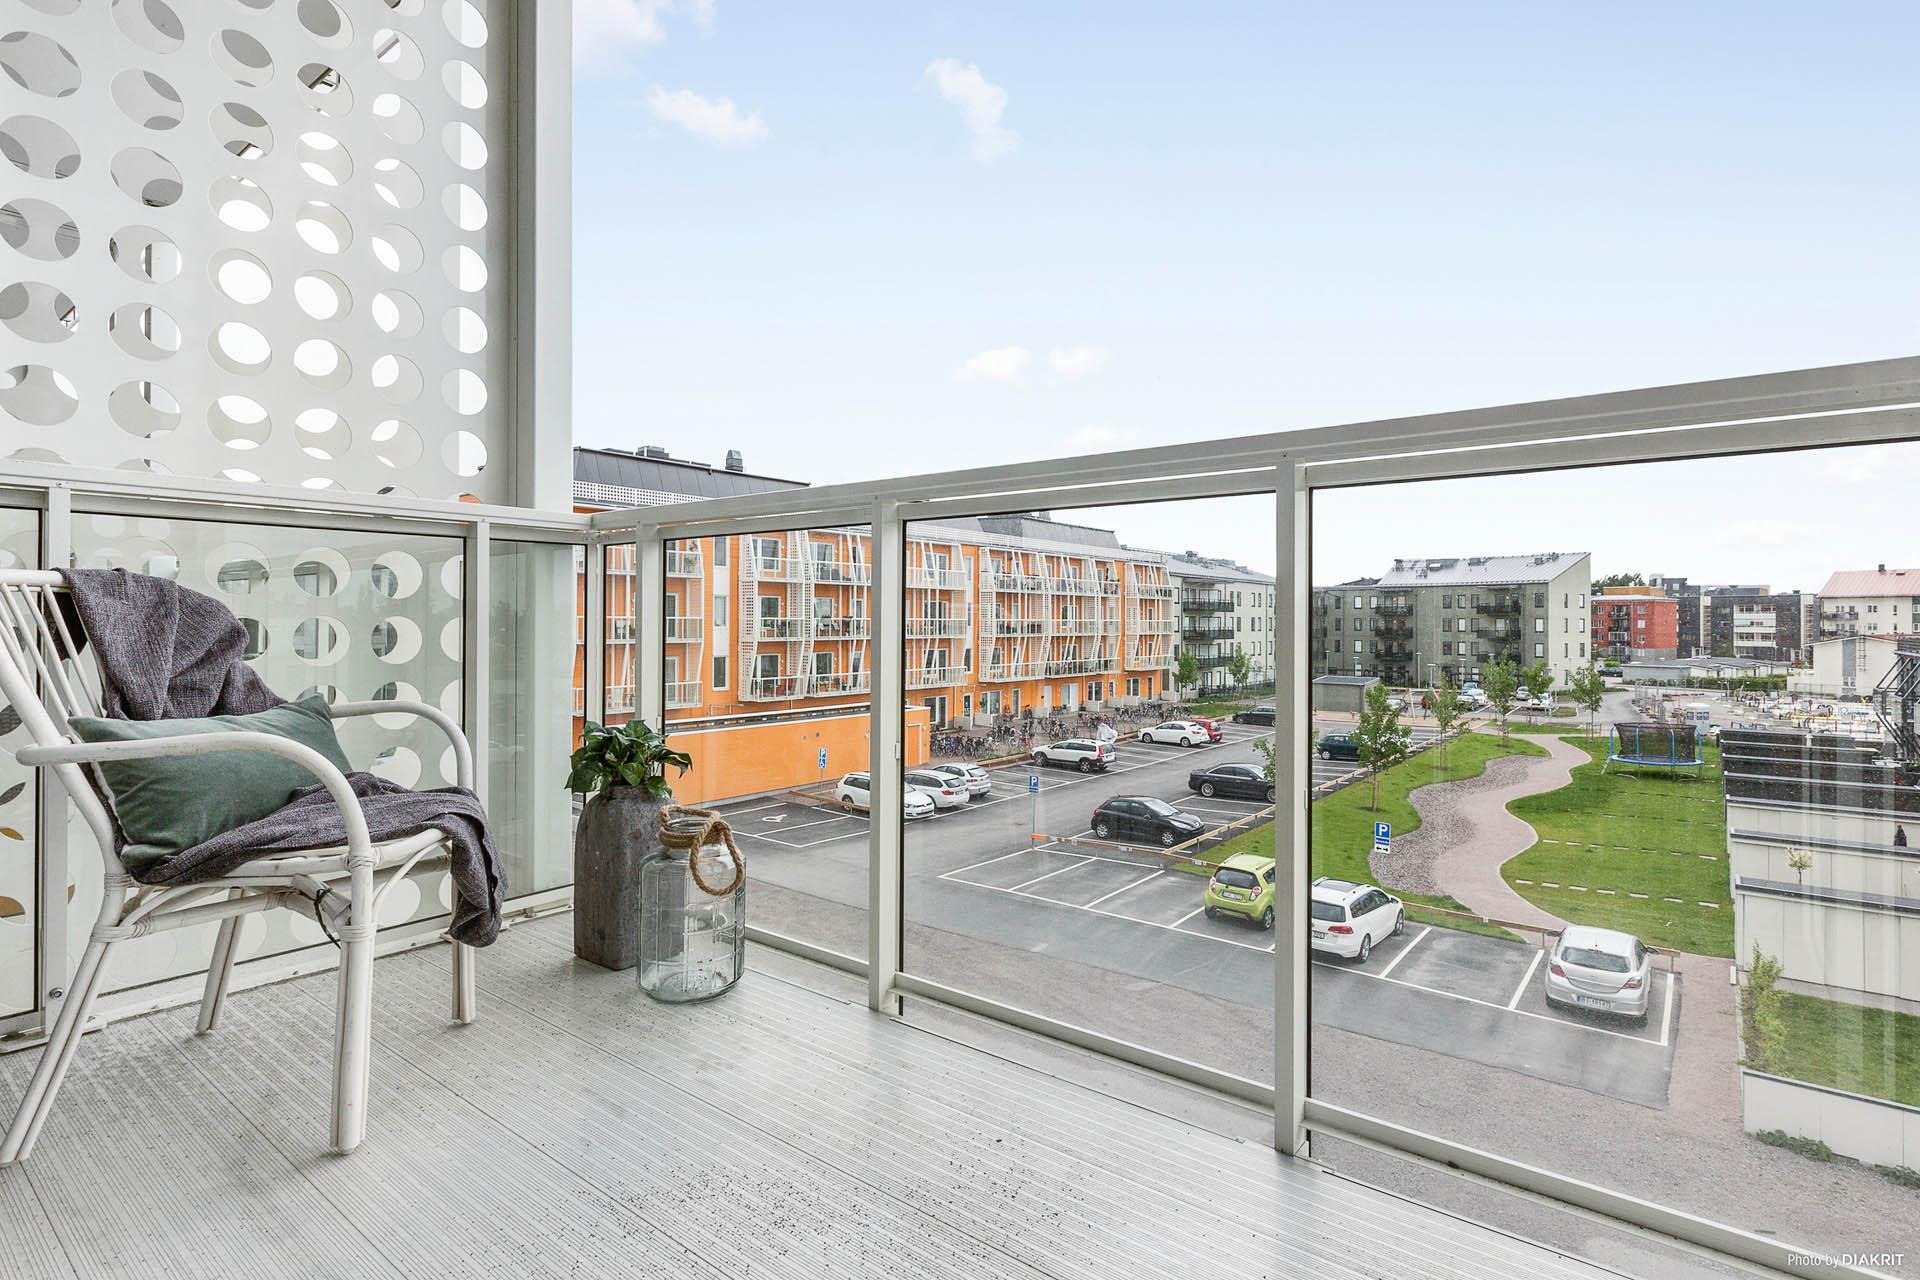 Utsikt från balkong